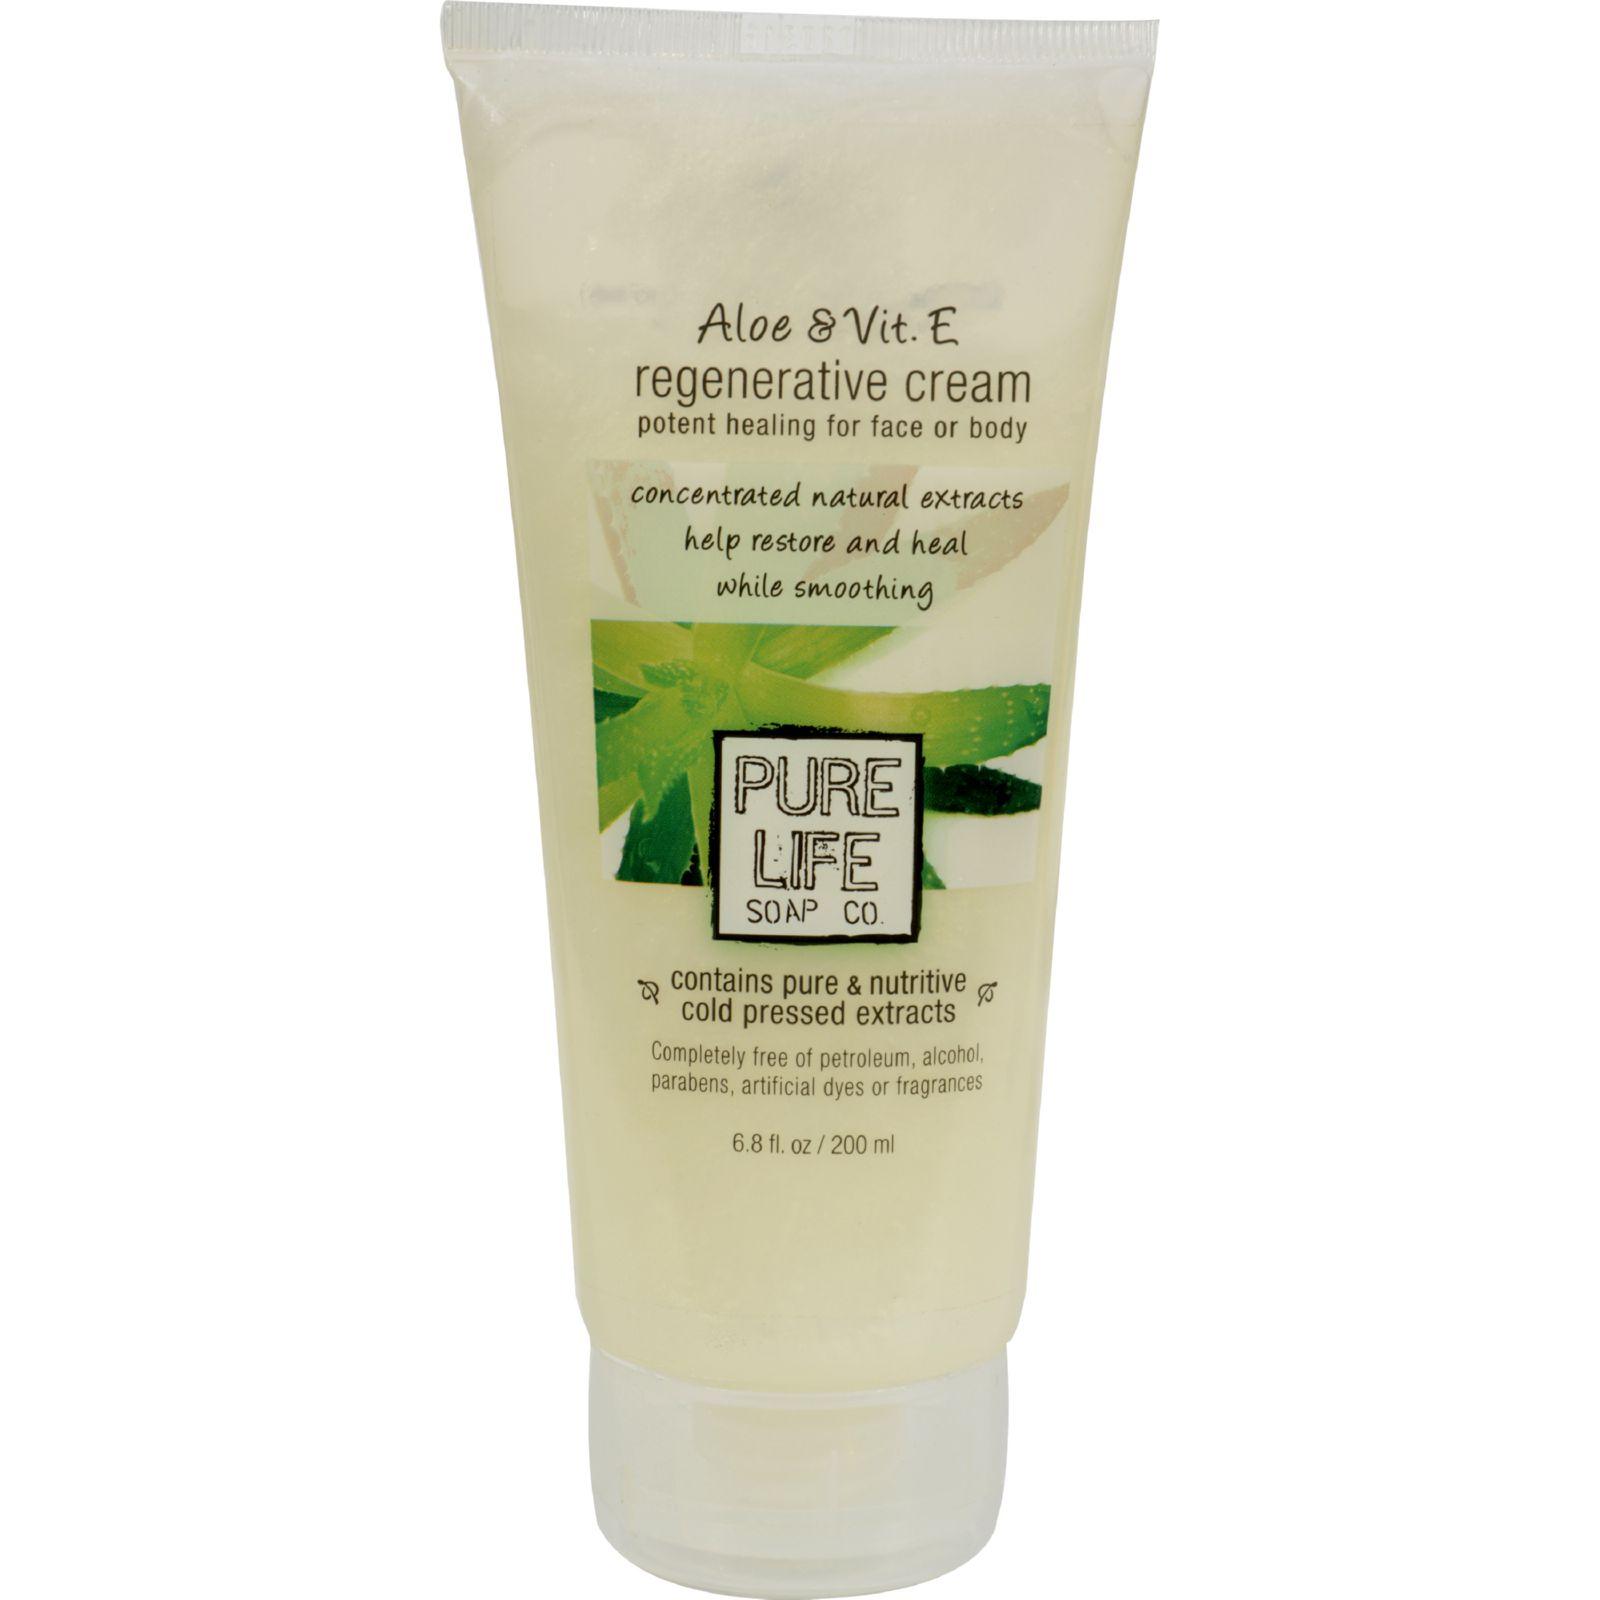 Pure Life Aloe And Vitamin E Regenerative Cream - 6.8 Fl Oz